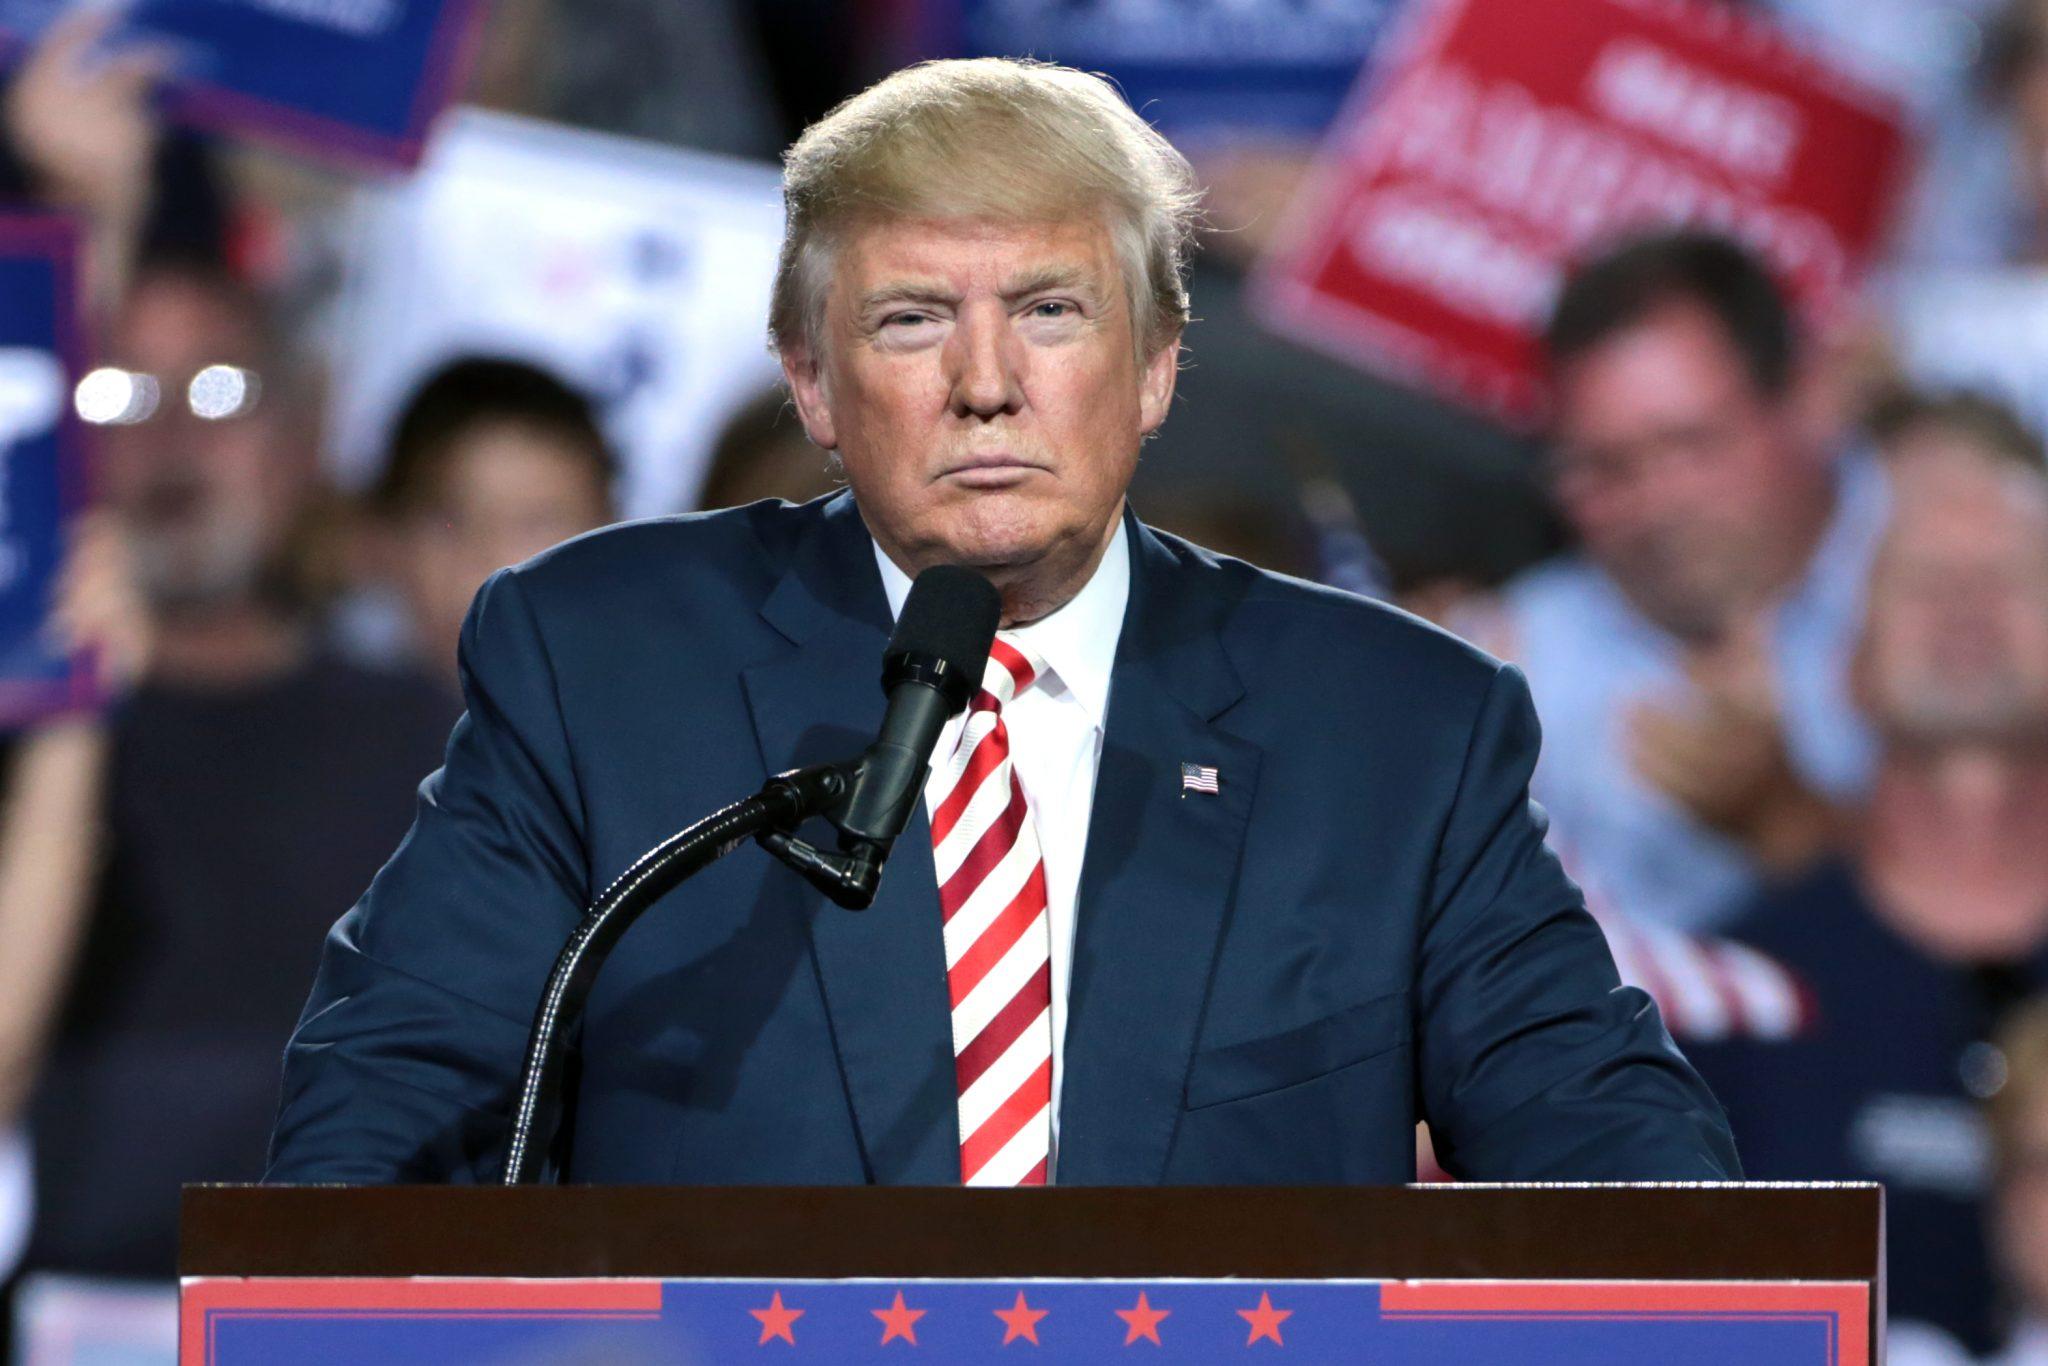 Trump spune că protestele de la Paris confirmă punctul său de vedere despre schimbările climatice